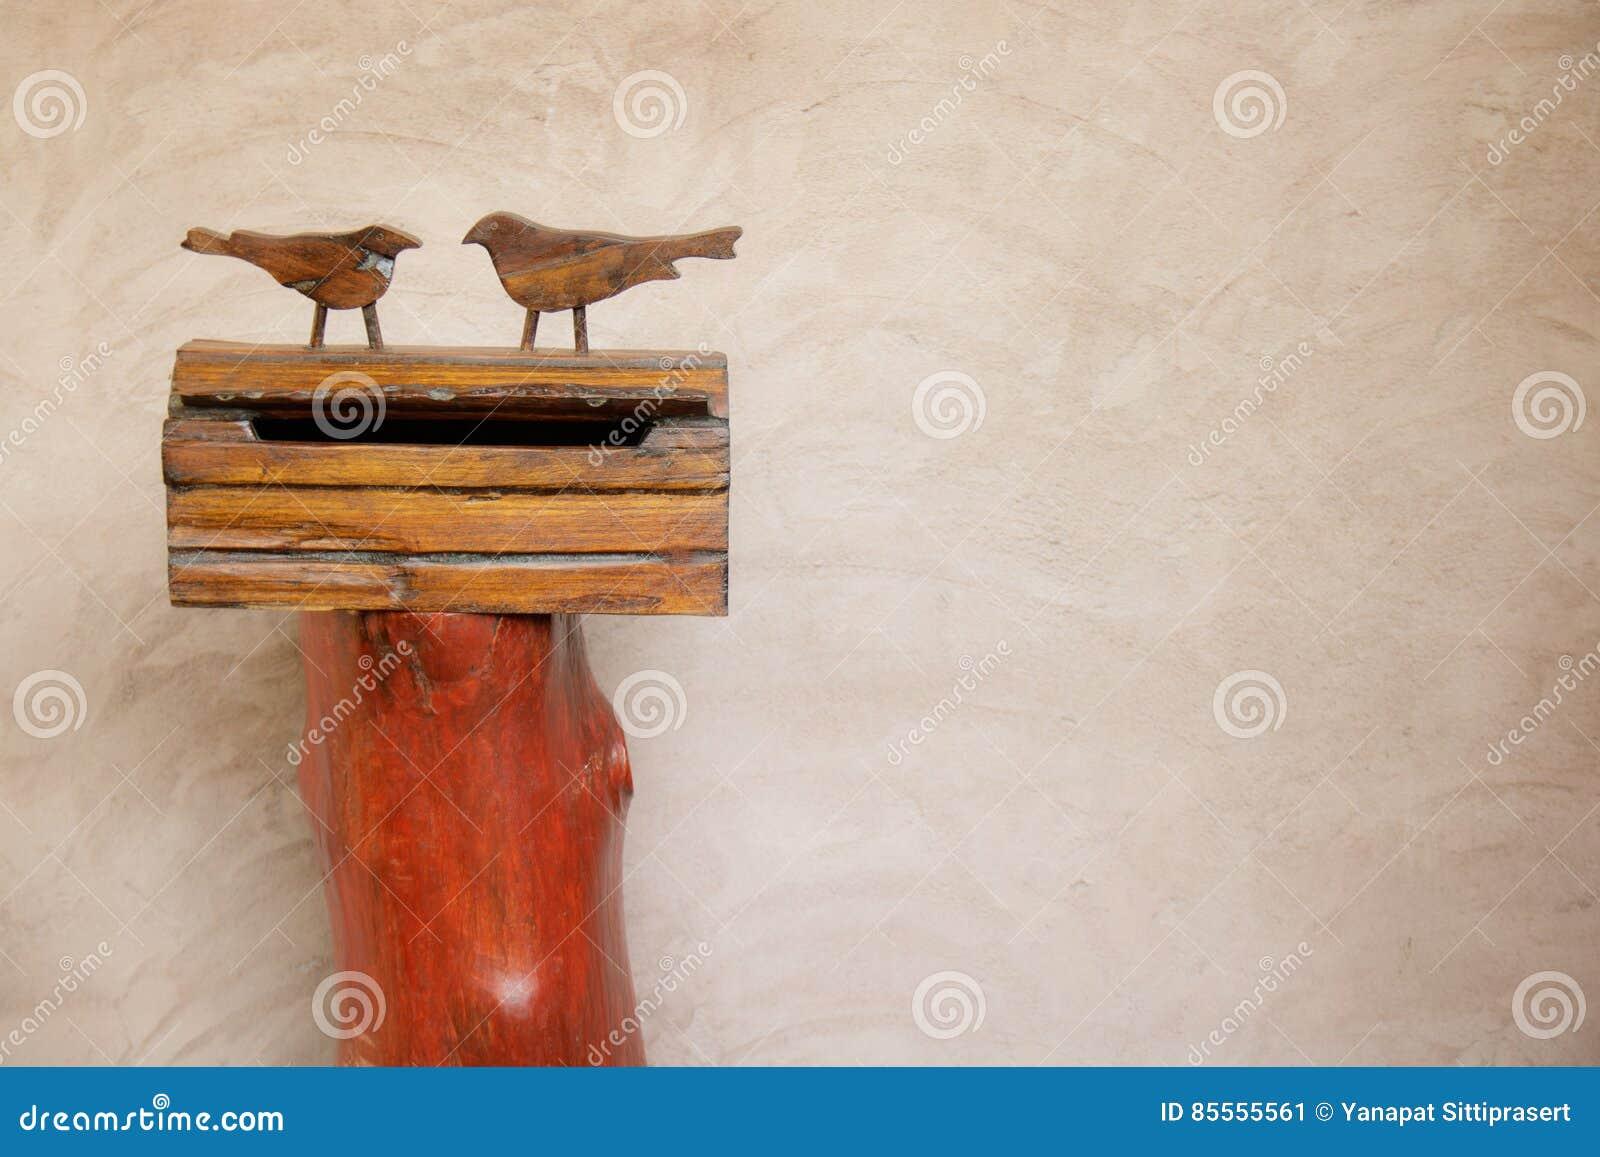 Briefkastenholz